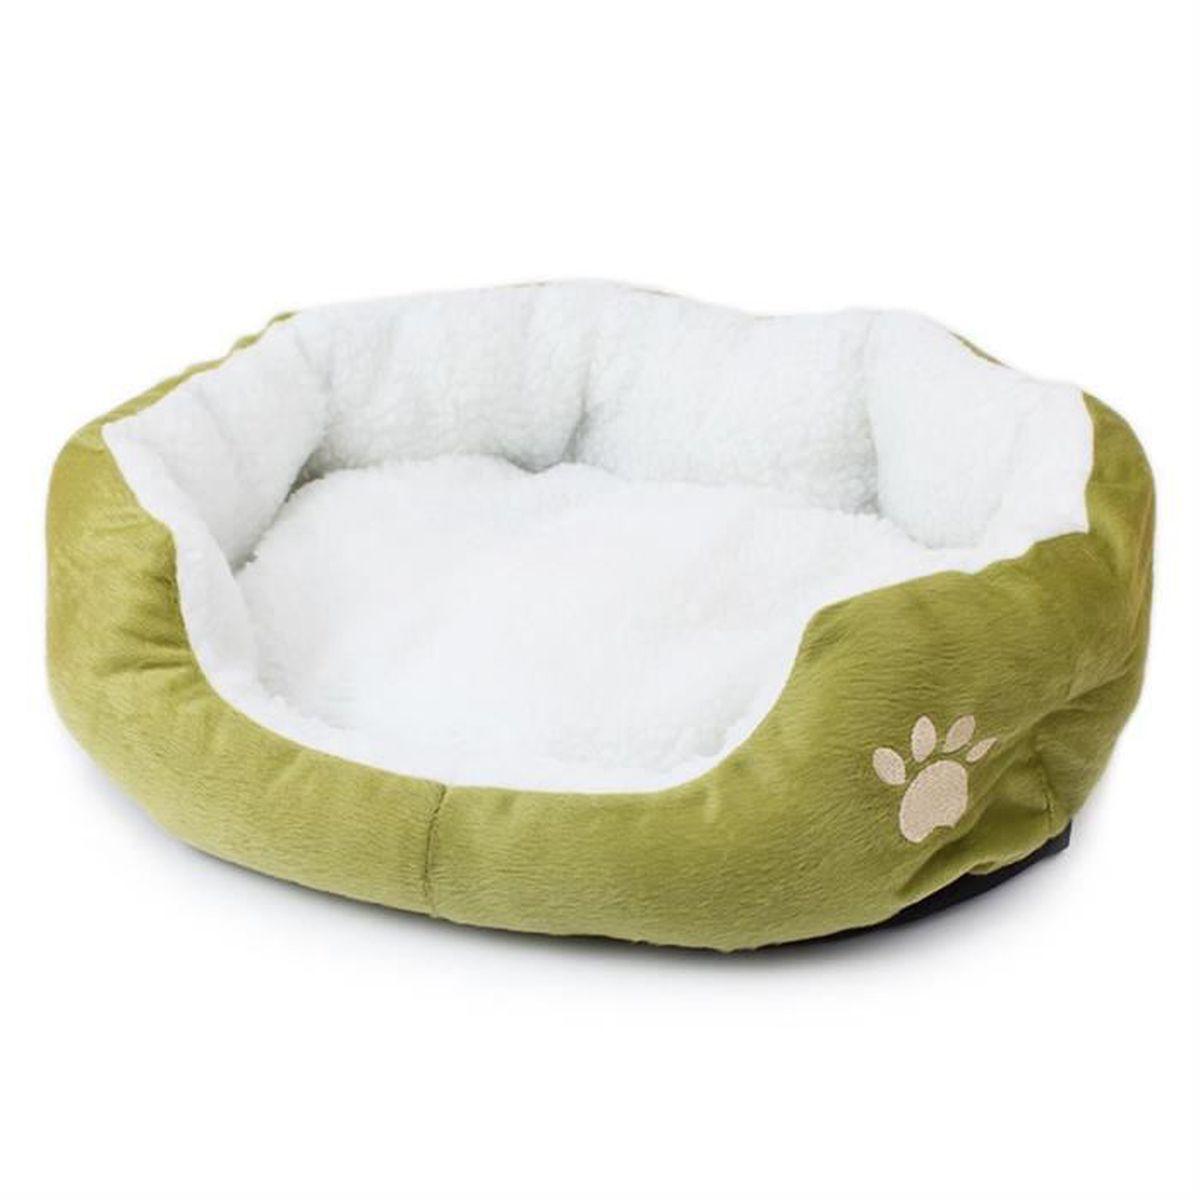 panier corbeille coussin maison lit amovible pour chien chat animaux vert achat vente. Black Bedroom Furniture Sets. Home Design Ideas